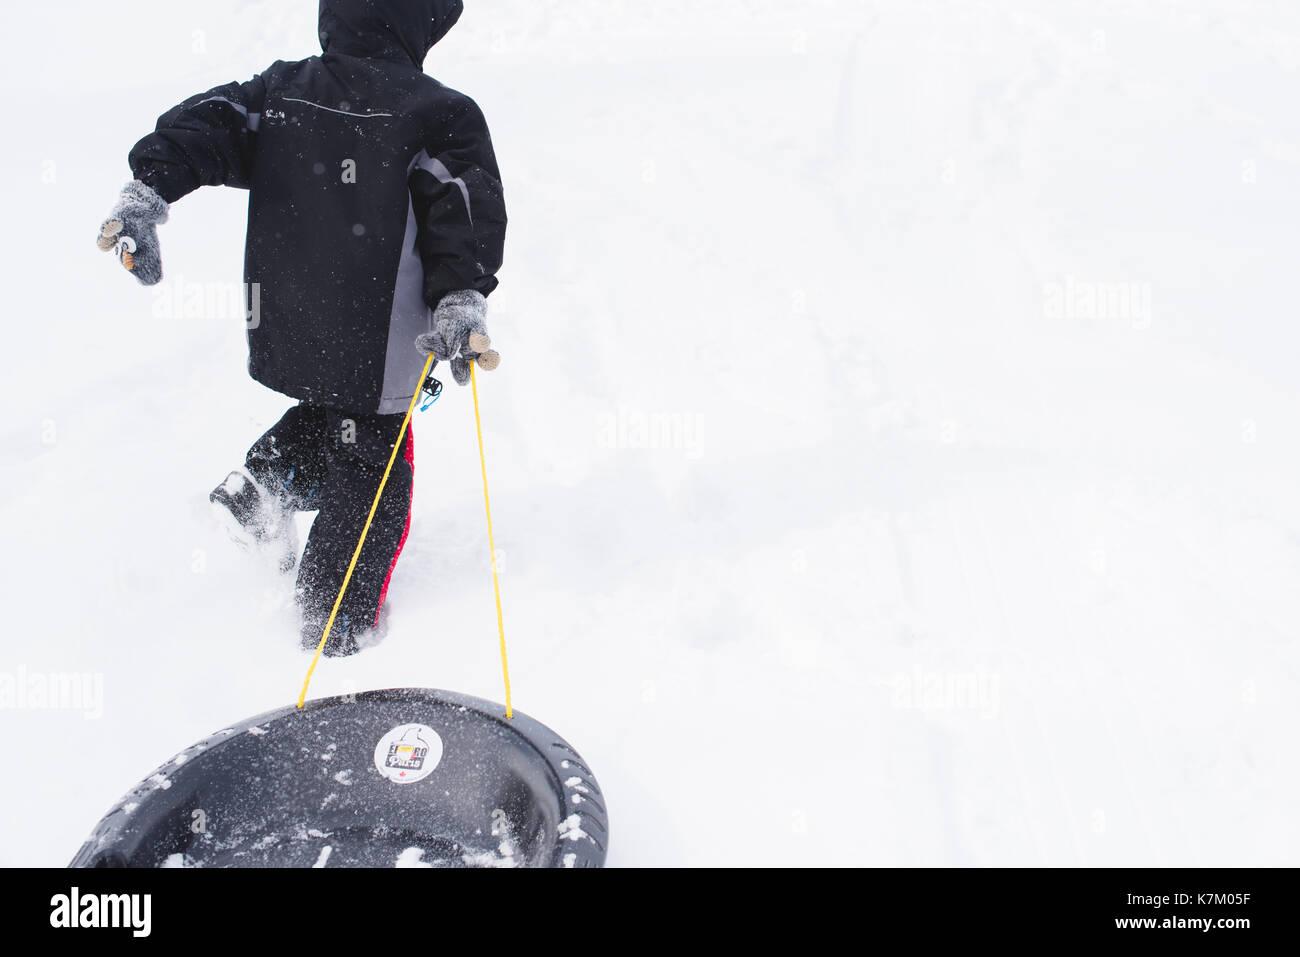 Jeune garçon tirant un traîneau d'une colline couverte de neige en hiver. Photo Stock